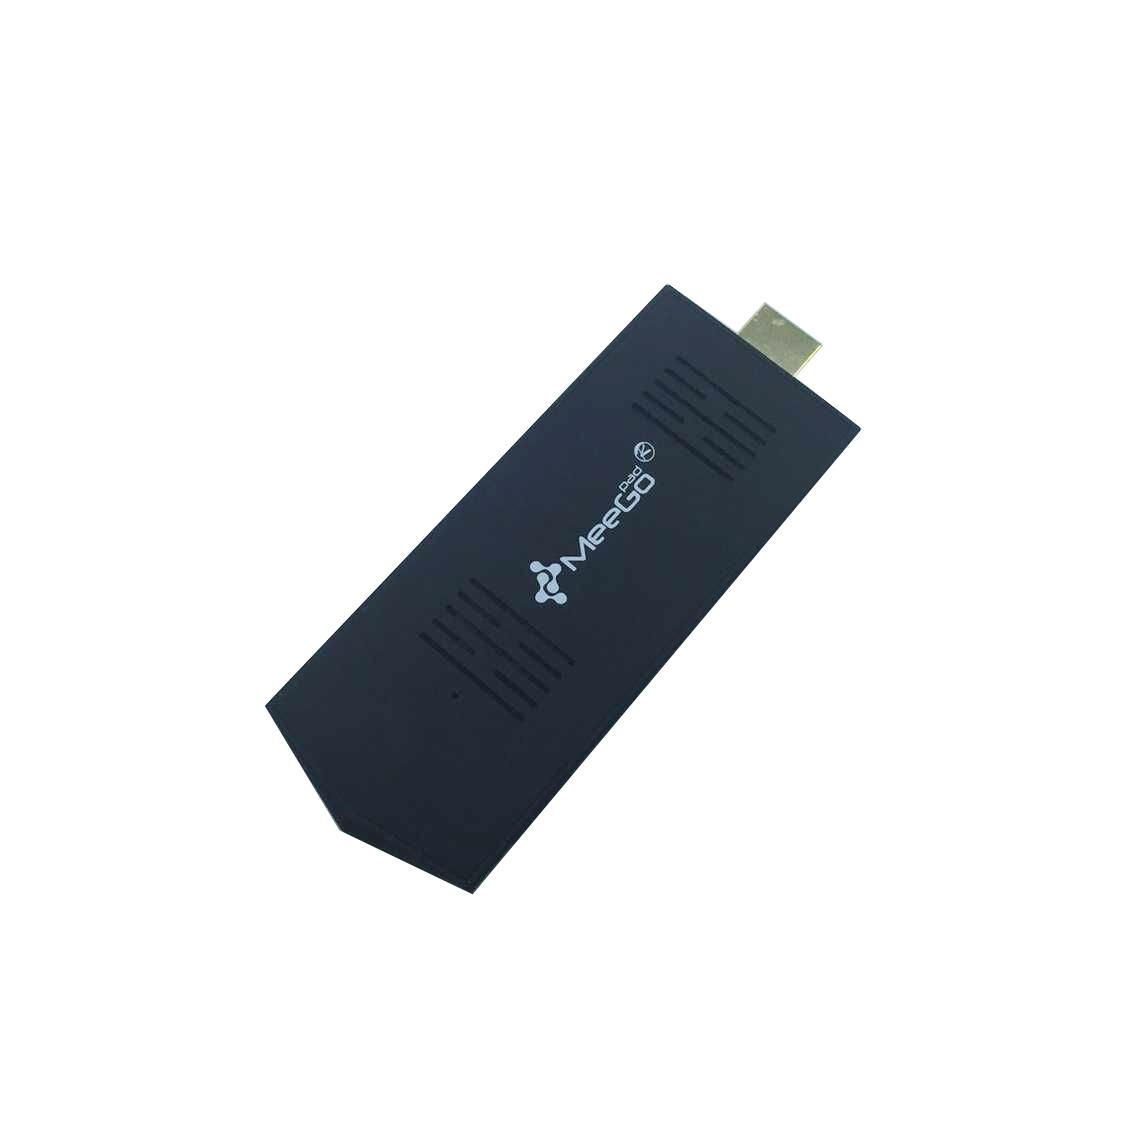 Pre-installed Licensed Windows 10 Meegopad T02 Mini PC Quad Core Z3735F 1.33GHz 2GB RAM 32GB ROM HDMI